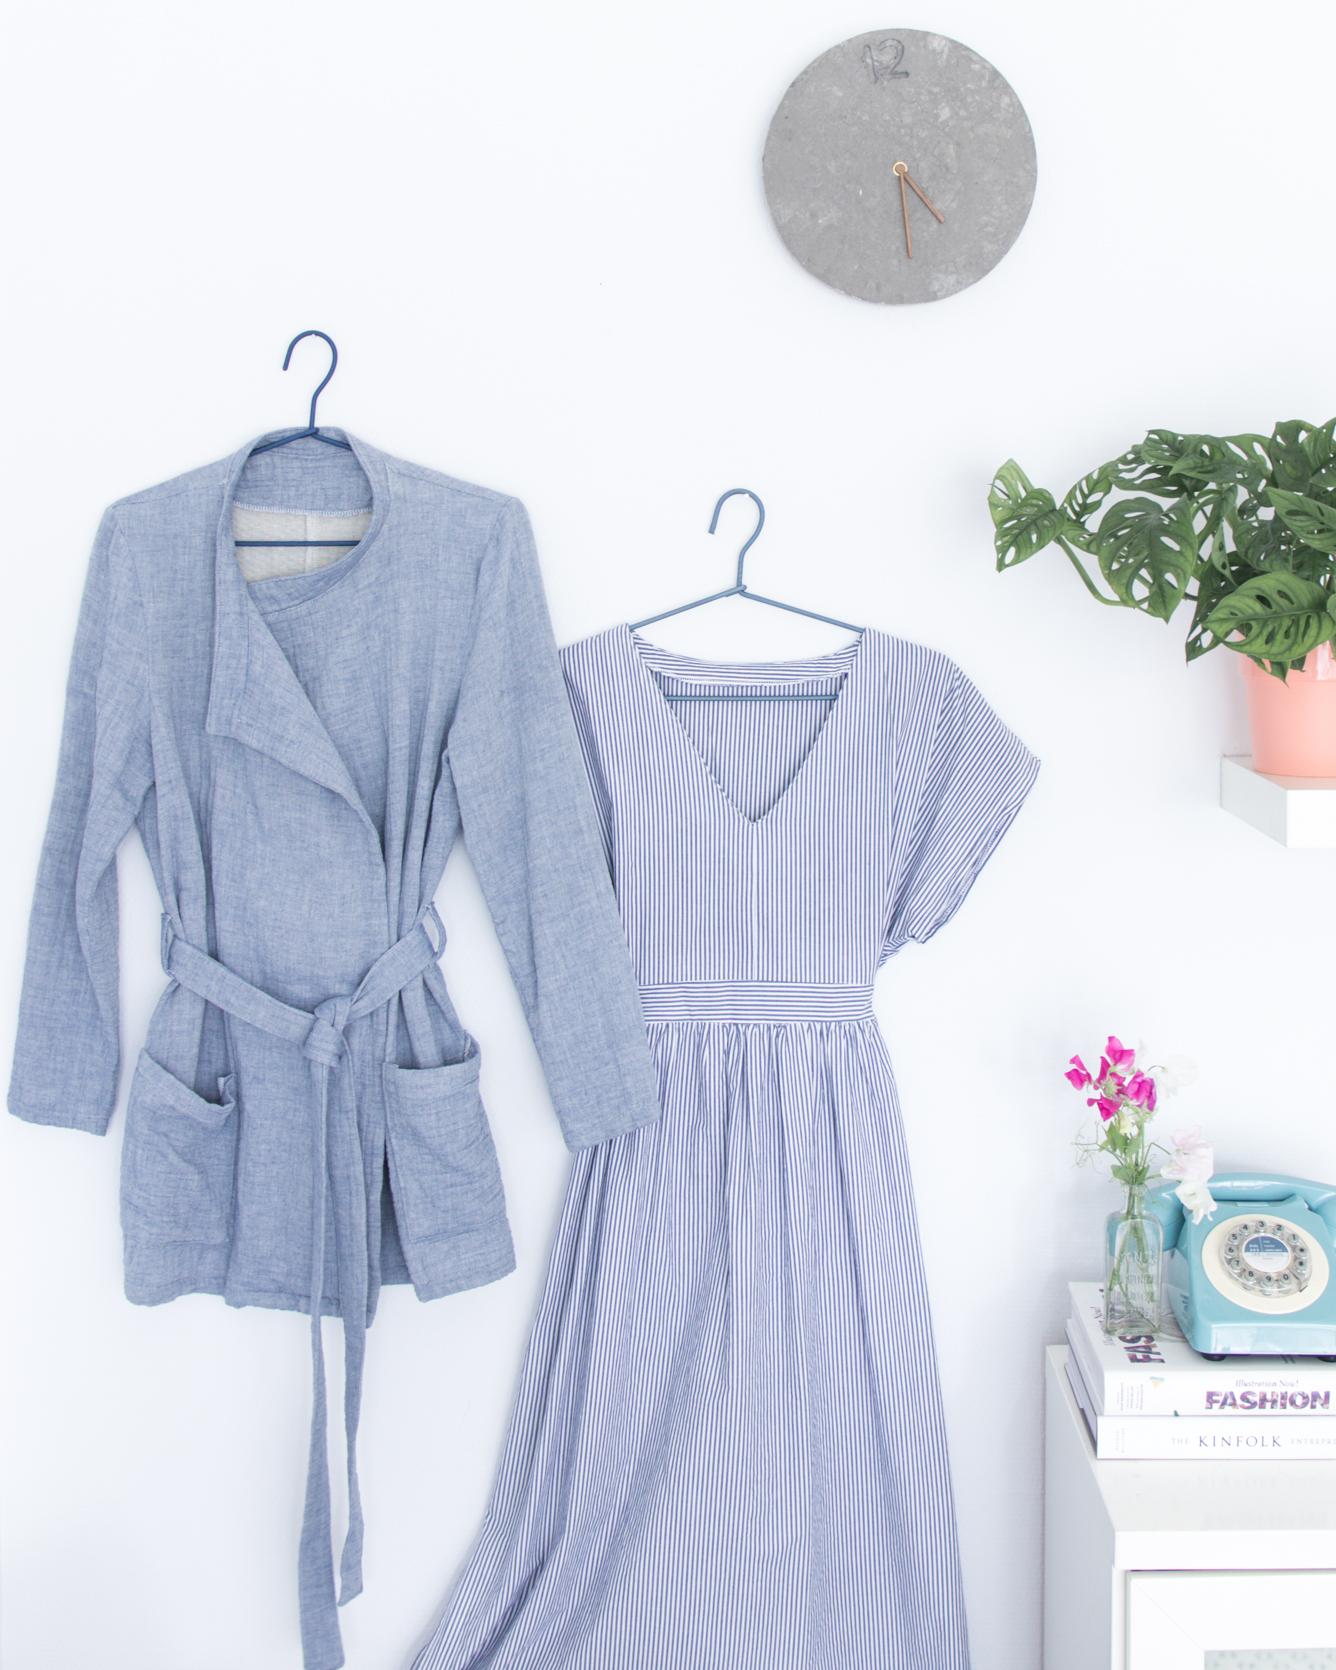 Selbstgenähte Kleidung richtig pflegen - Tweed & Greet